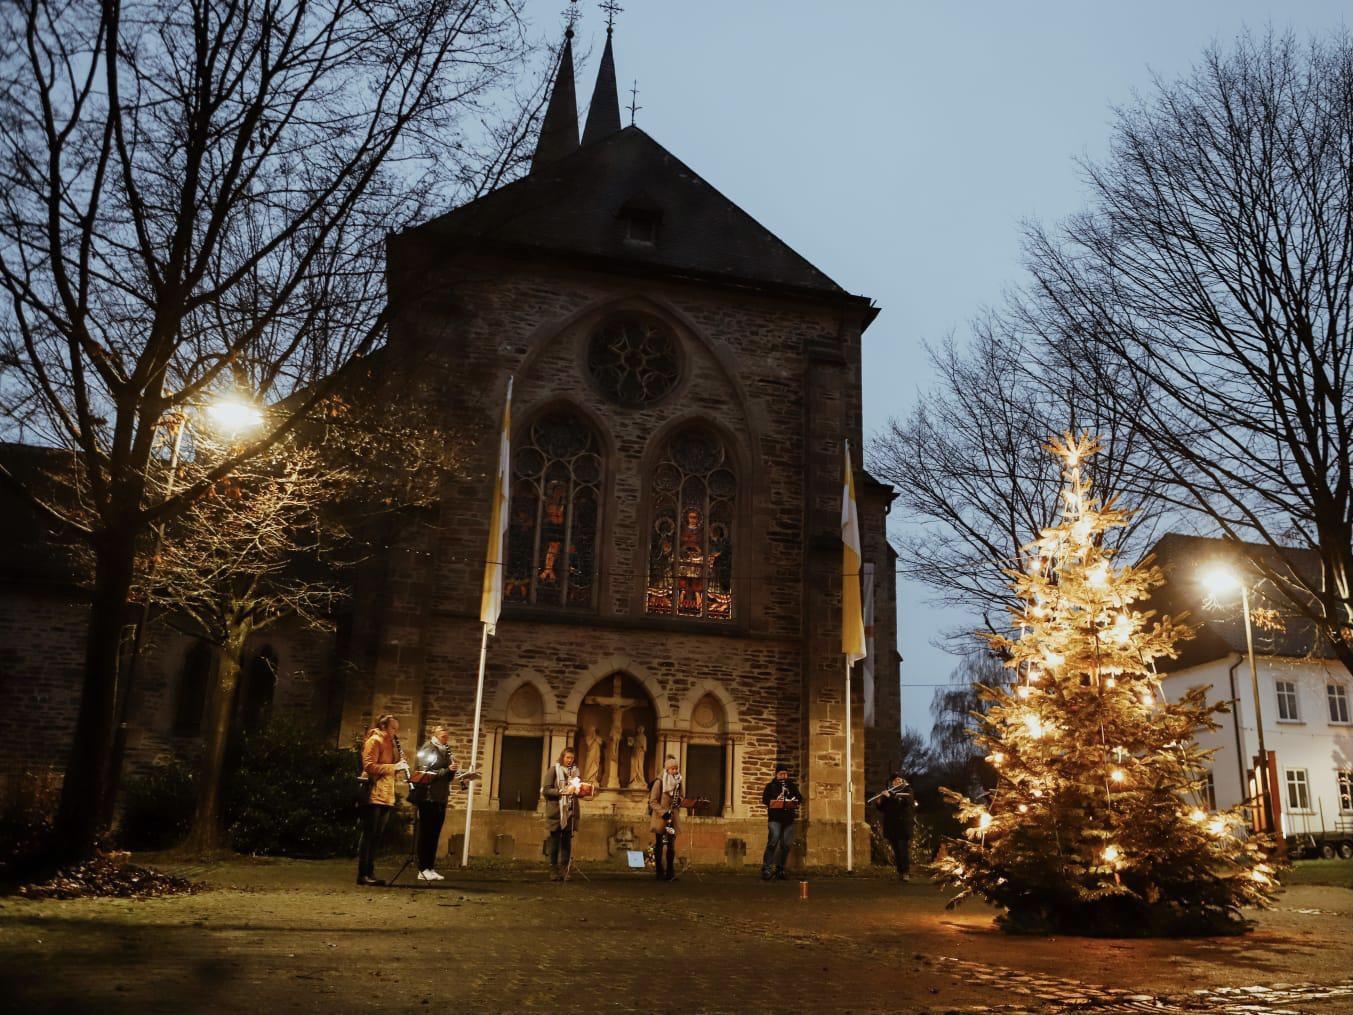 Weihnachtliche Klänge am 2. Advent! ⭐️